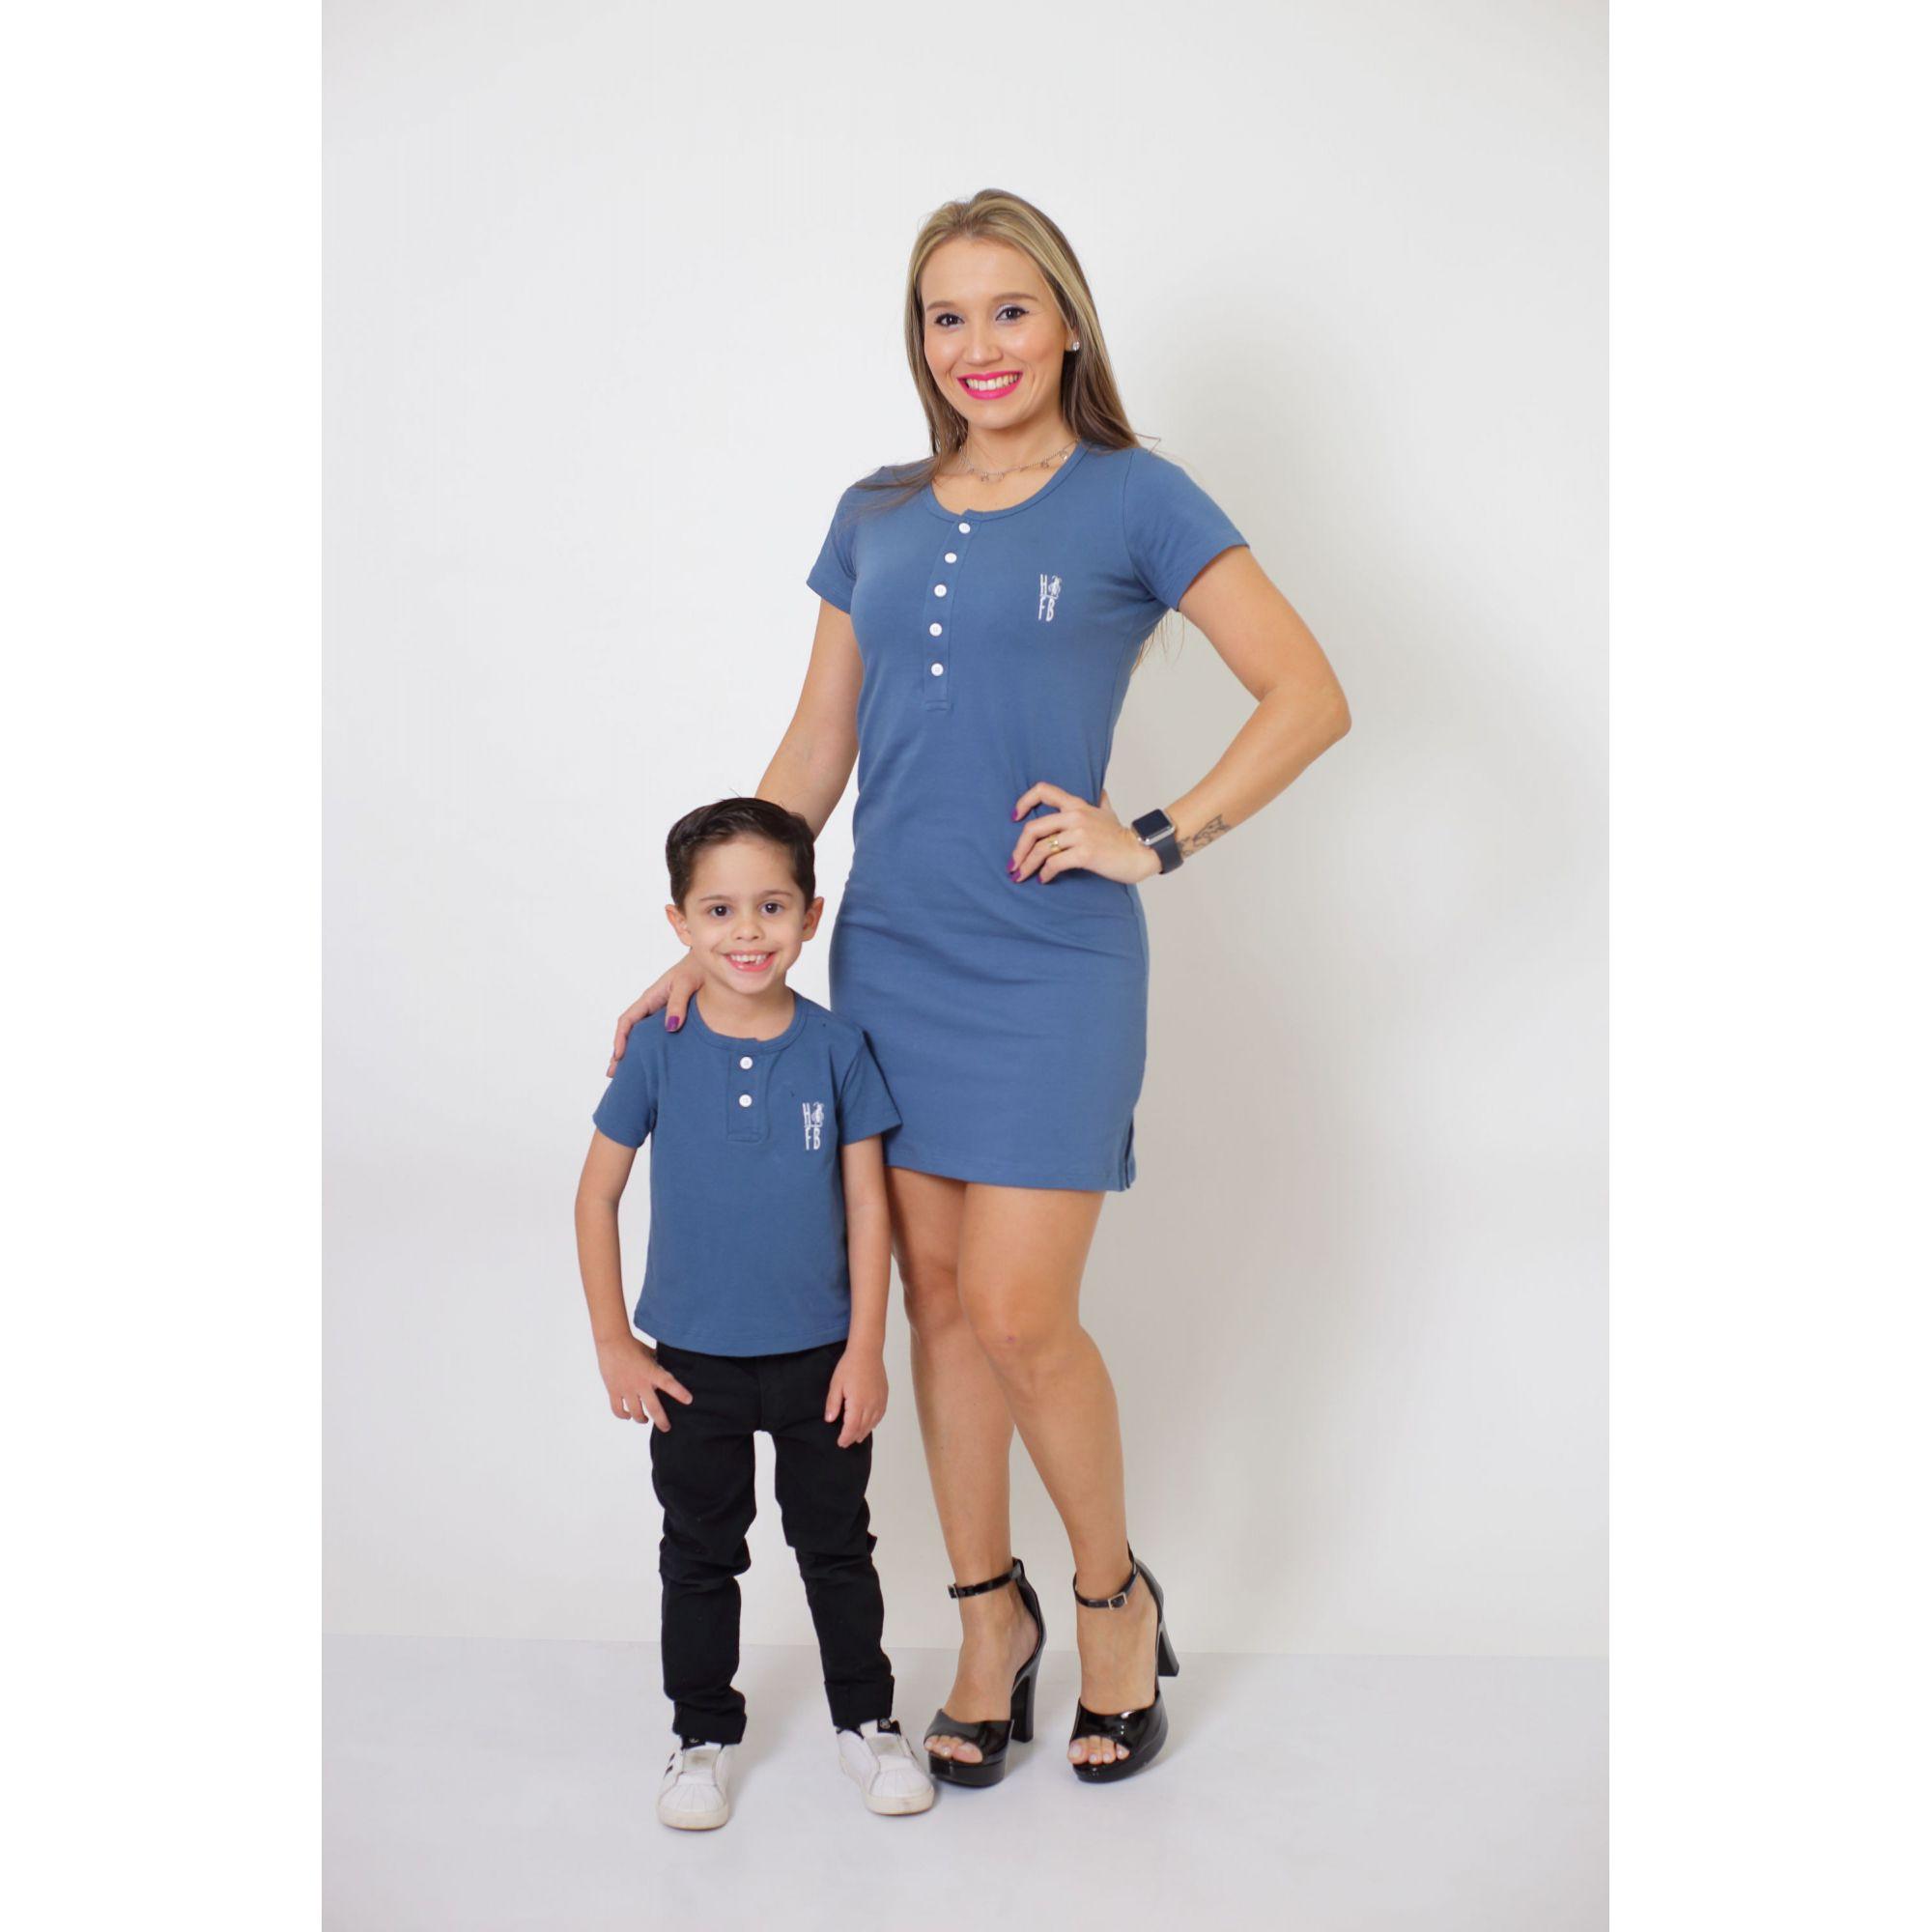 MÃE E FILHO > Kit Vestido + T-shirt Unissex ou Body Infantil - Henley - Azul Petróleo [Coleção Tal Mãe Tal Filho]